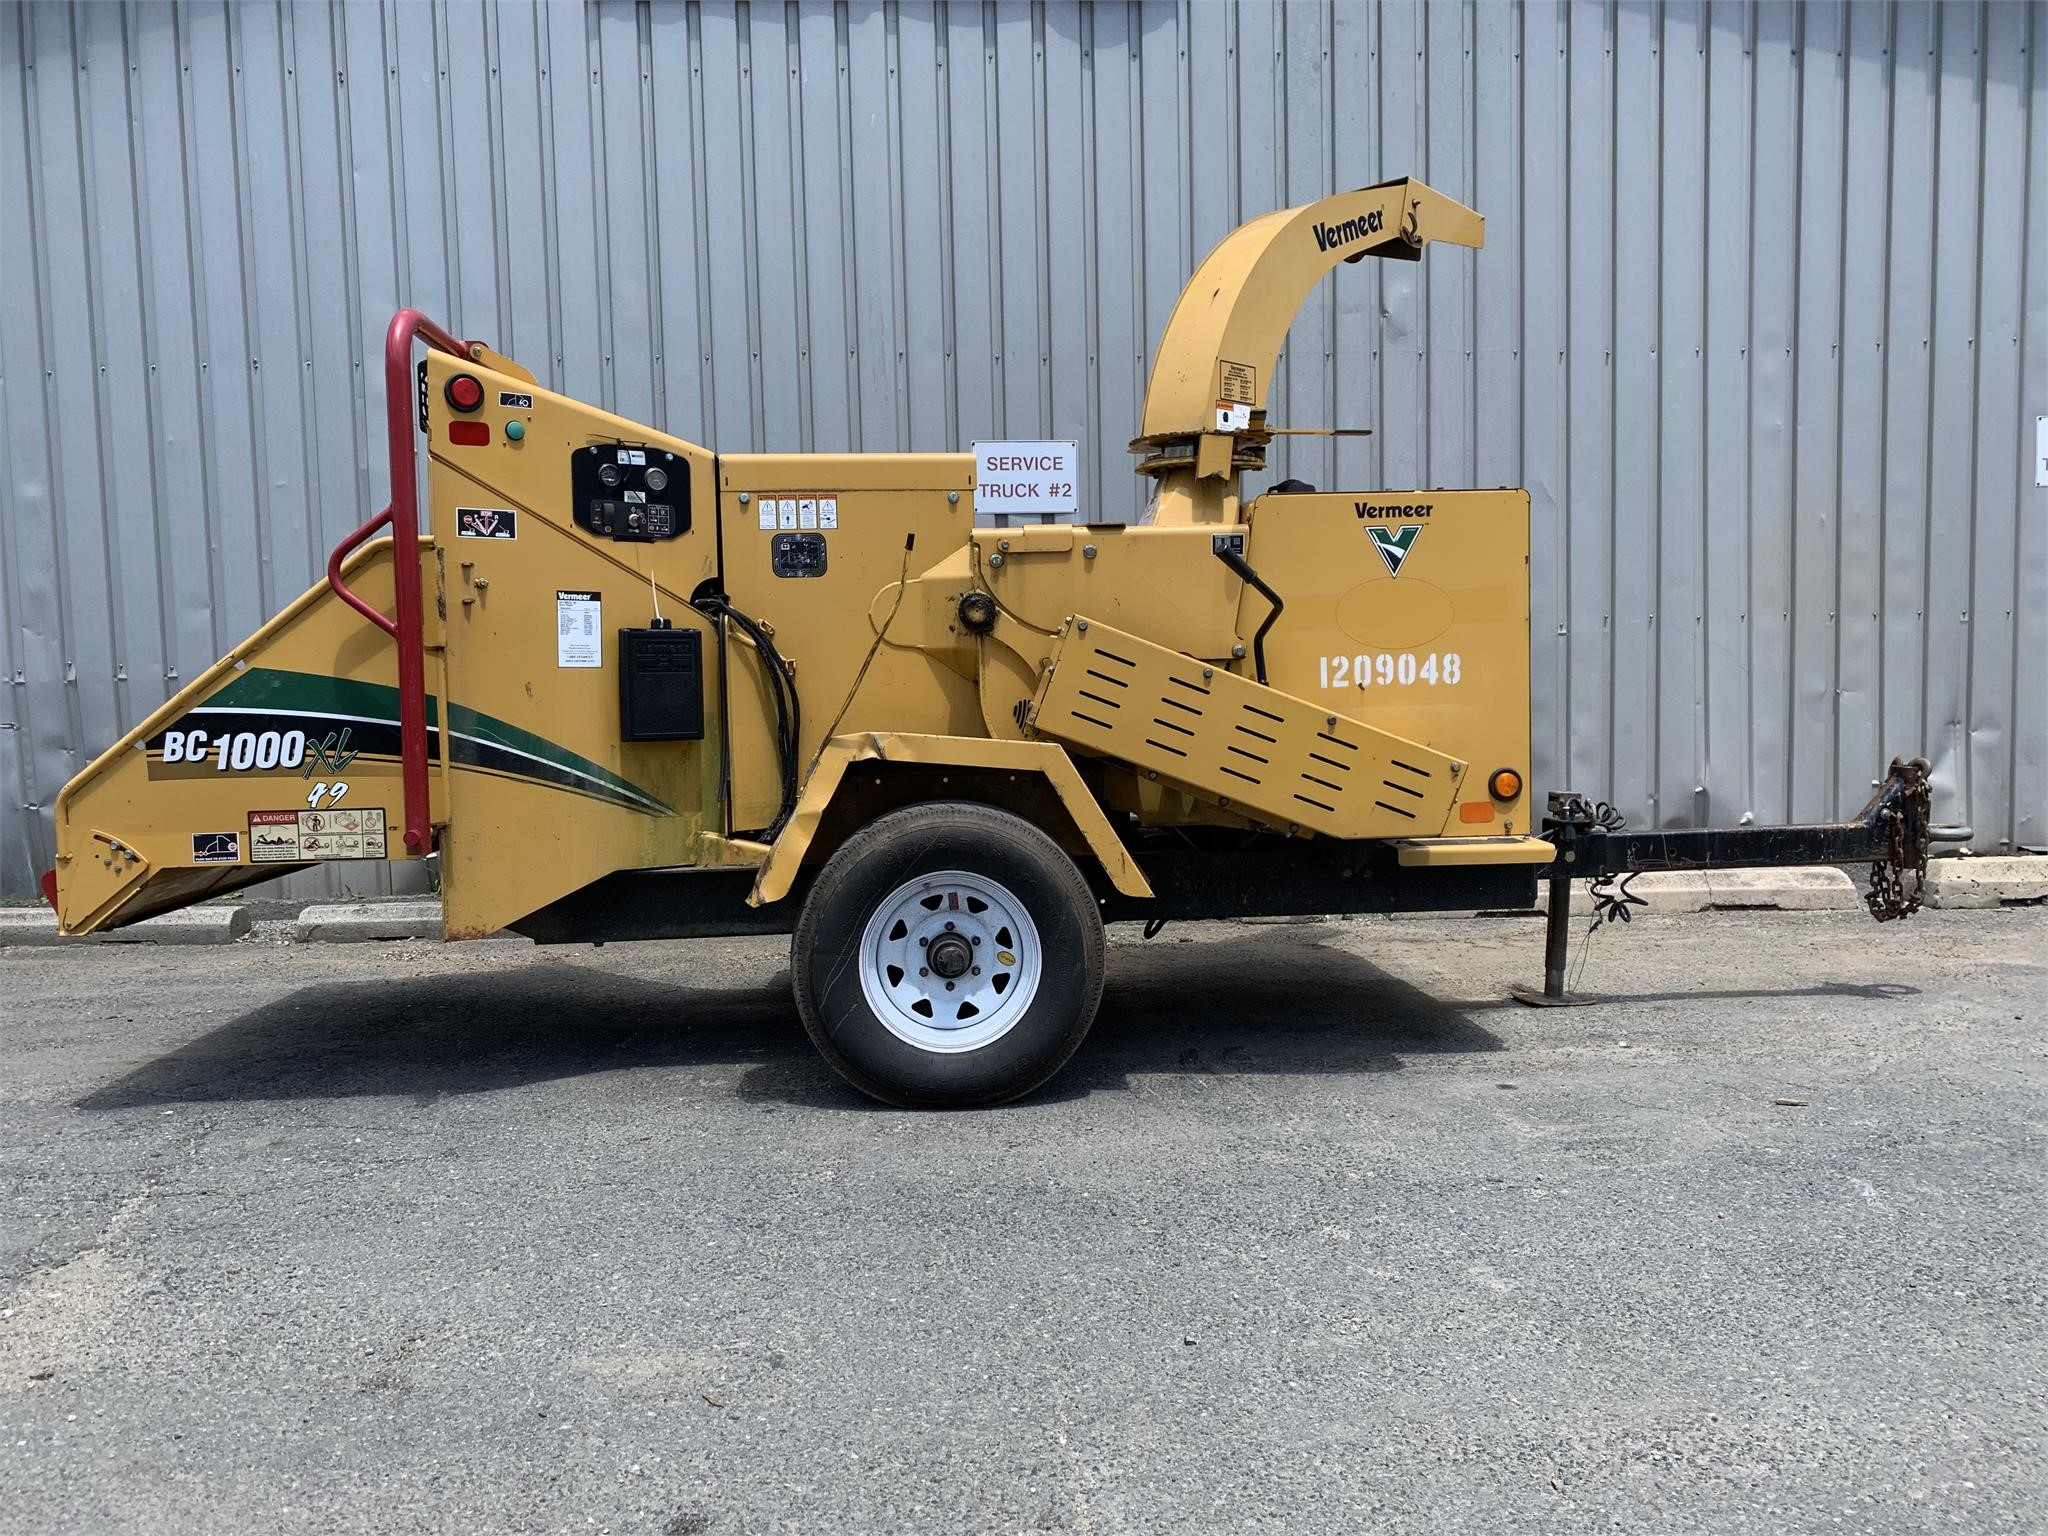 VERMEER BC1000XL For Sale in Halethorpe, Maryland | ForestryTrader com